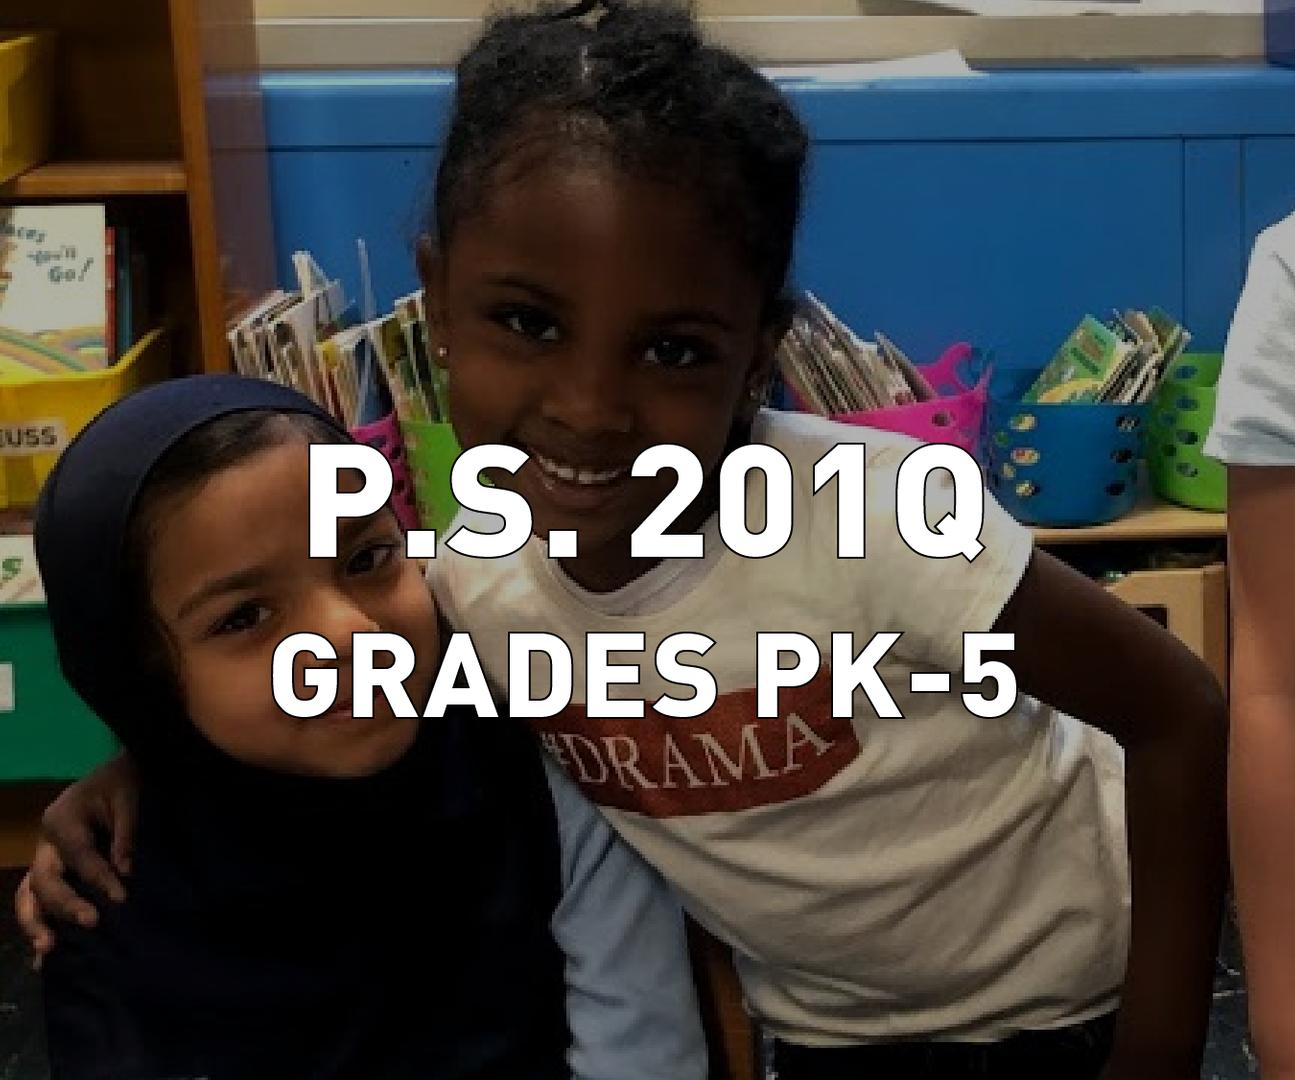 P.S. 201Q Grades PK-5